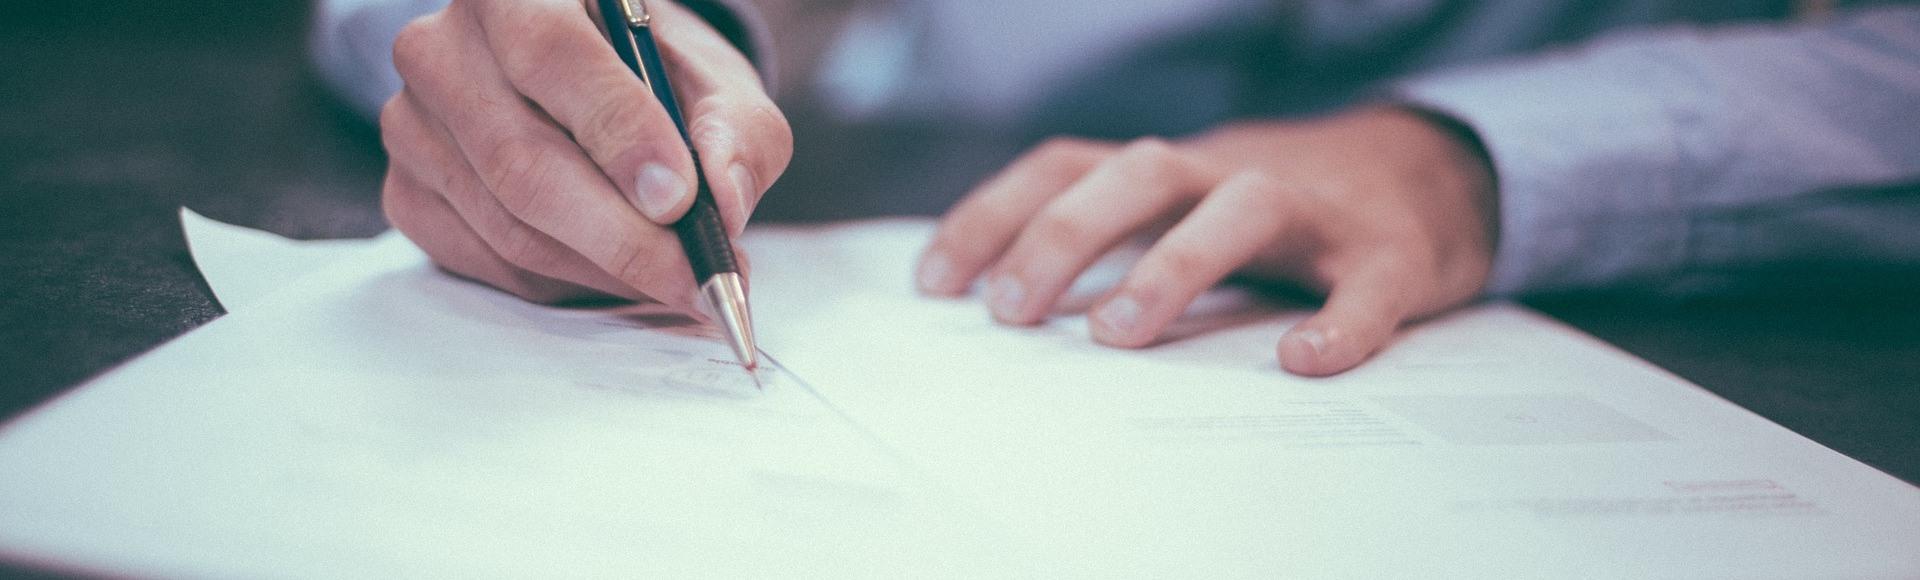 zdjęcie do W artykule odpowiadamy na pytanie: jakie koszty i opłaty niesie ze sobą podpisanie umowy deweloperskiej? Podpowiadamy też jak zoptymalizować koszty i opłaty i czy w ogóle jest to możliwe.